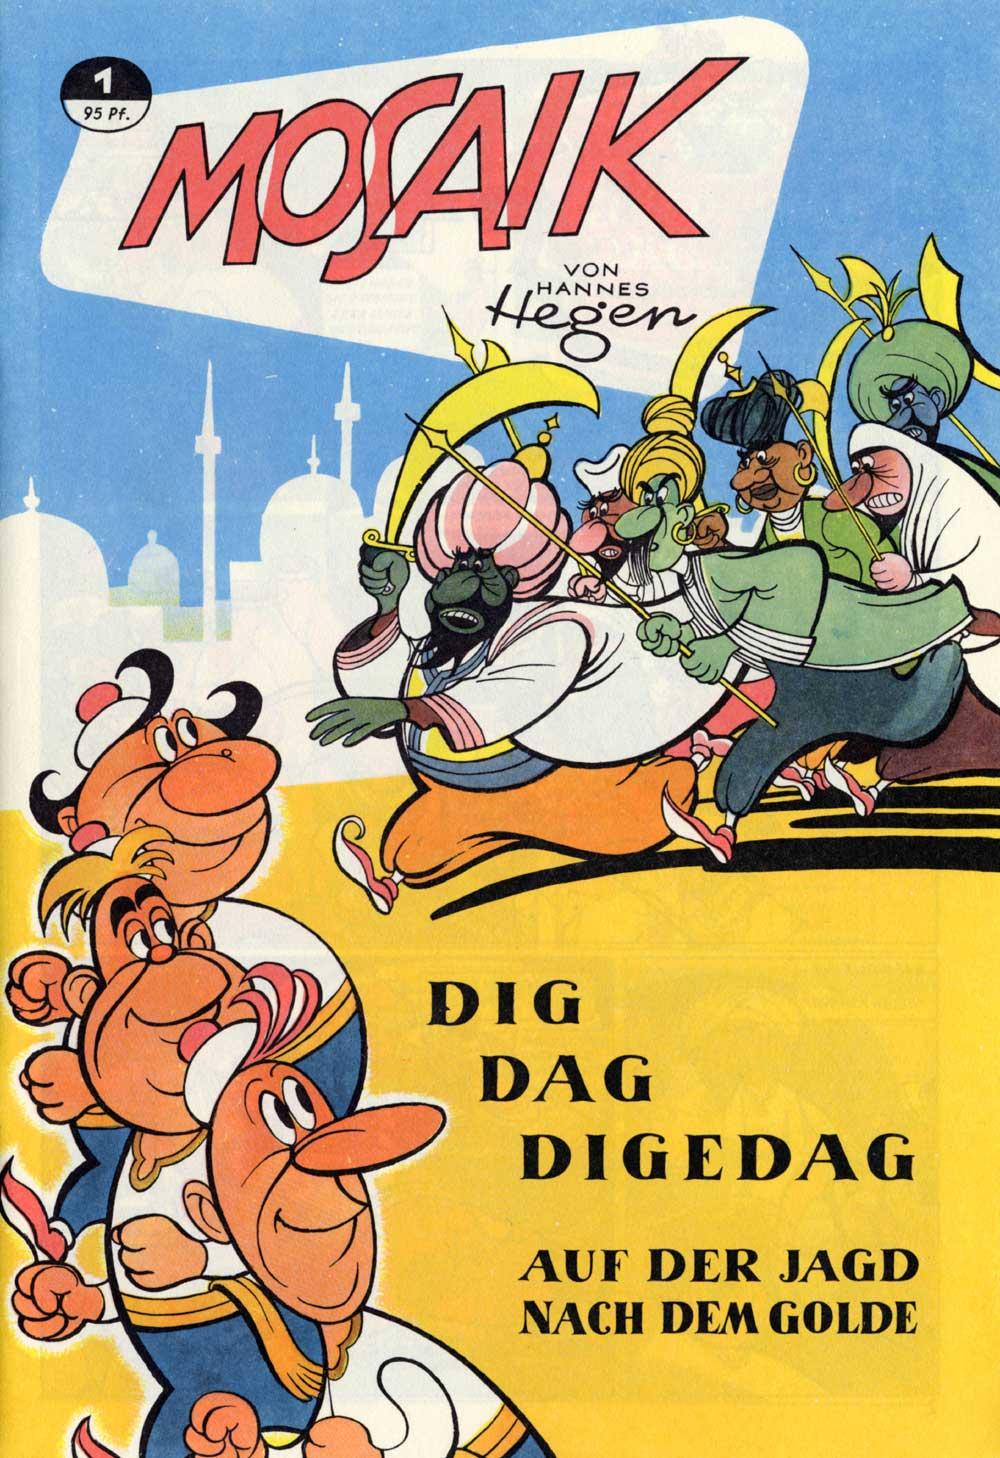 digedags_in_adlershof